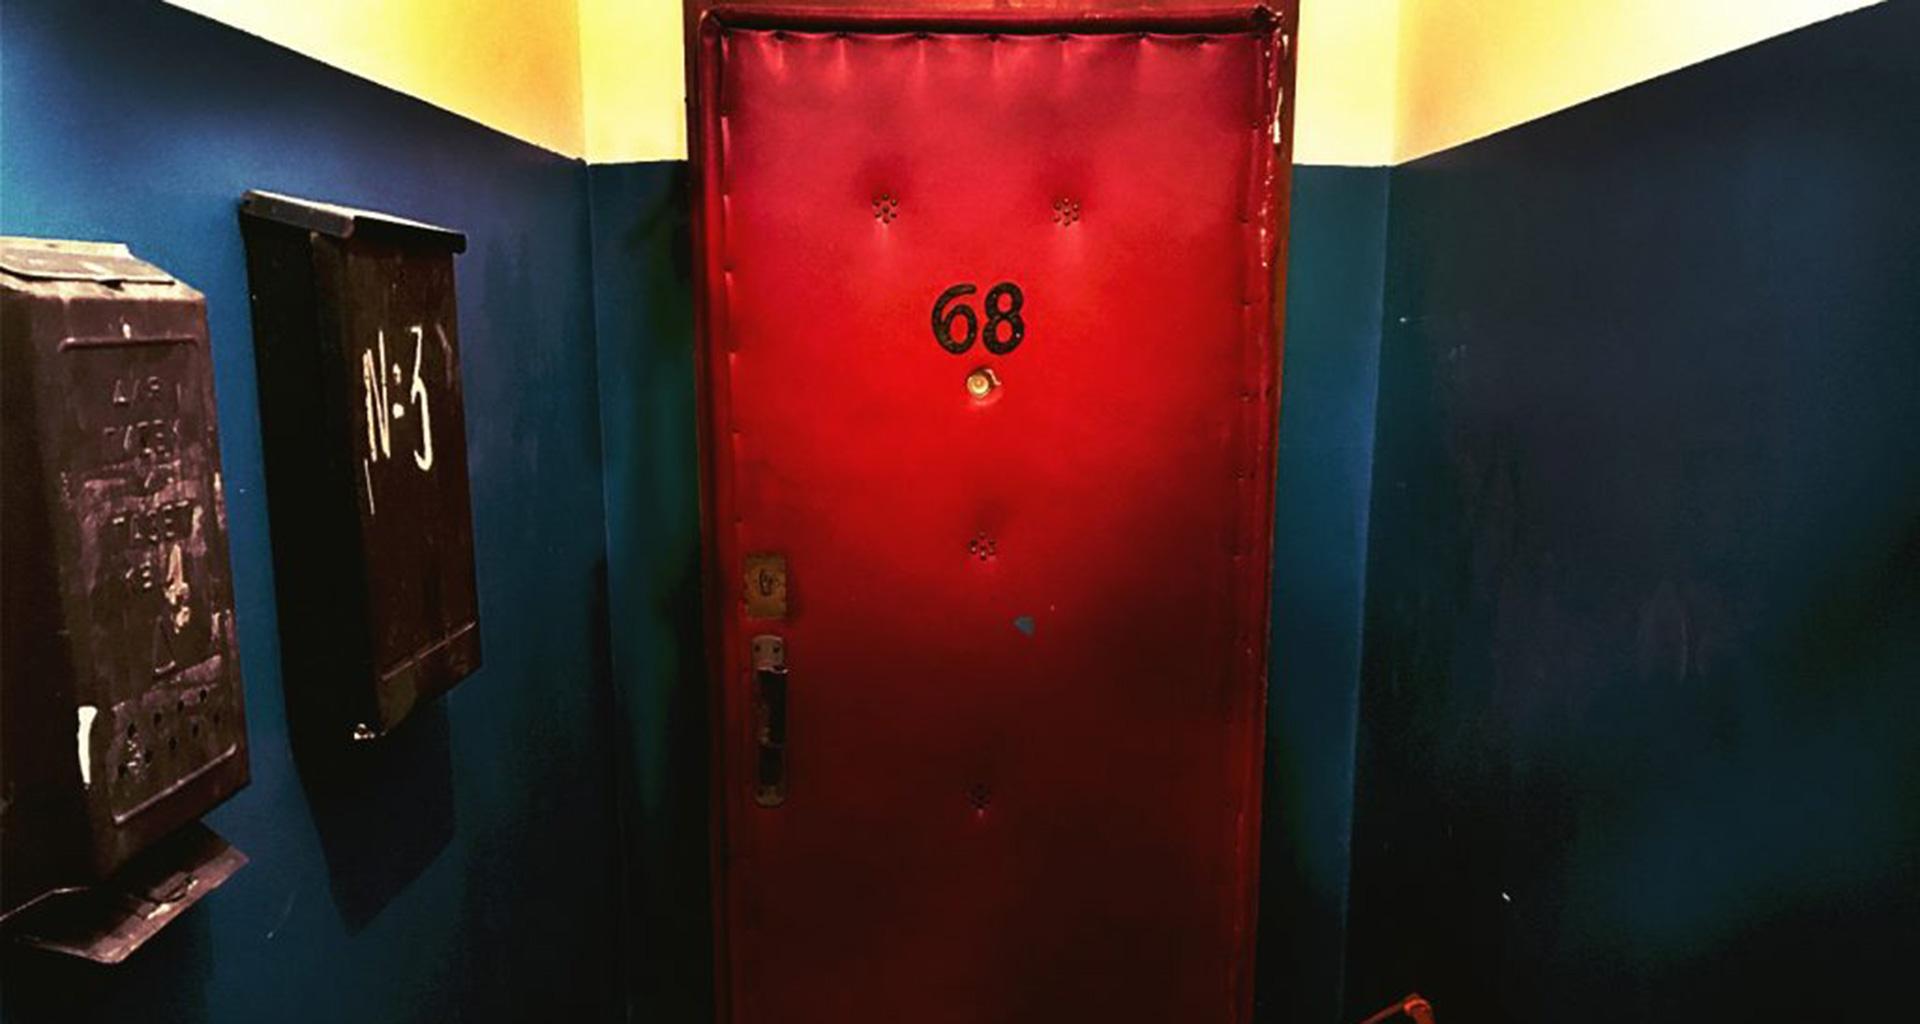 האתגר : דירה 68 ! חדר בריחה מפחיד - לאמיצים בלבד. מיקום : משכית9, קומה 4,הרצליה